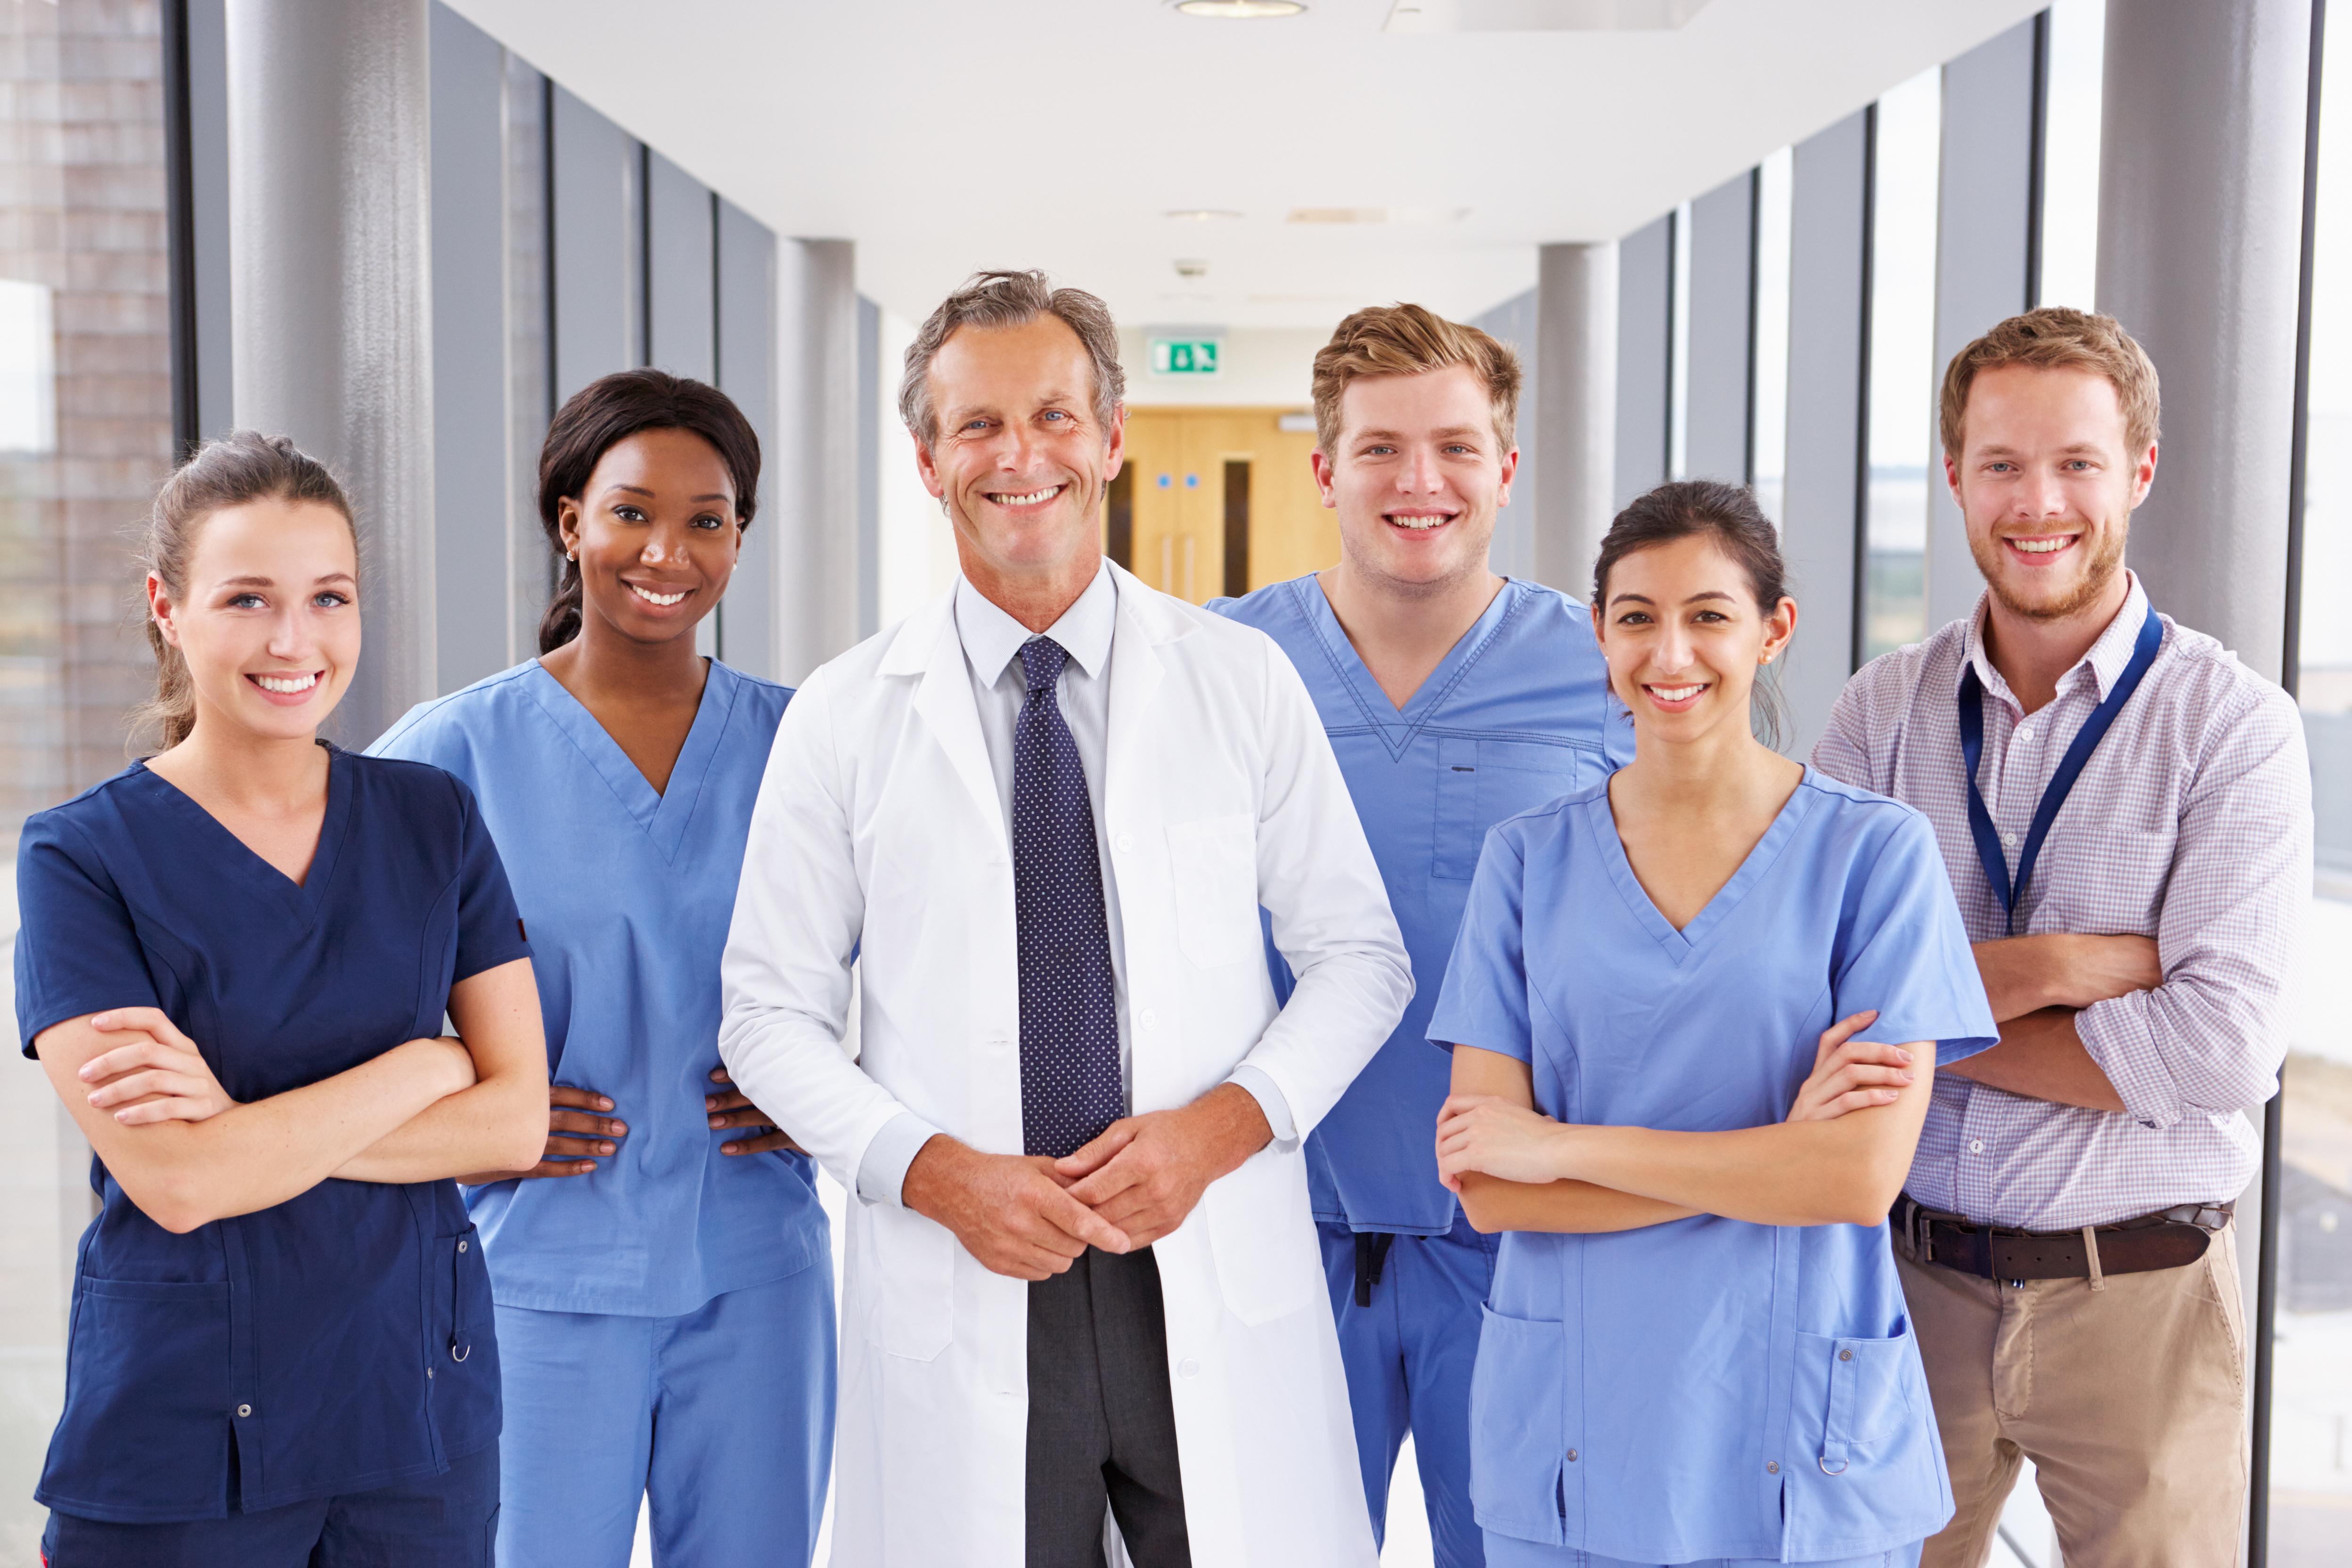 Formation secrétaire médicale avec collègues en groupe